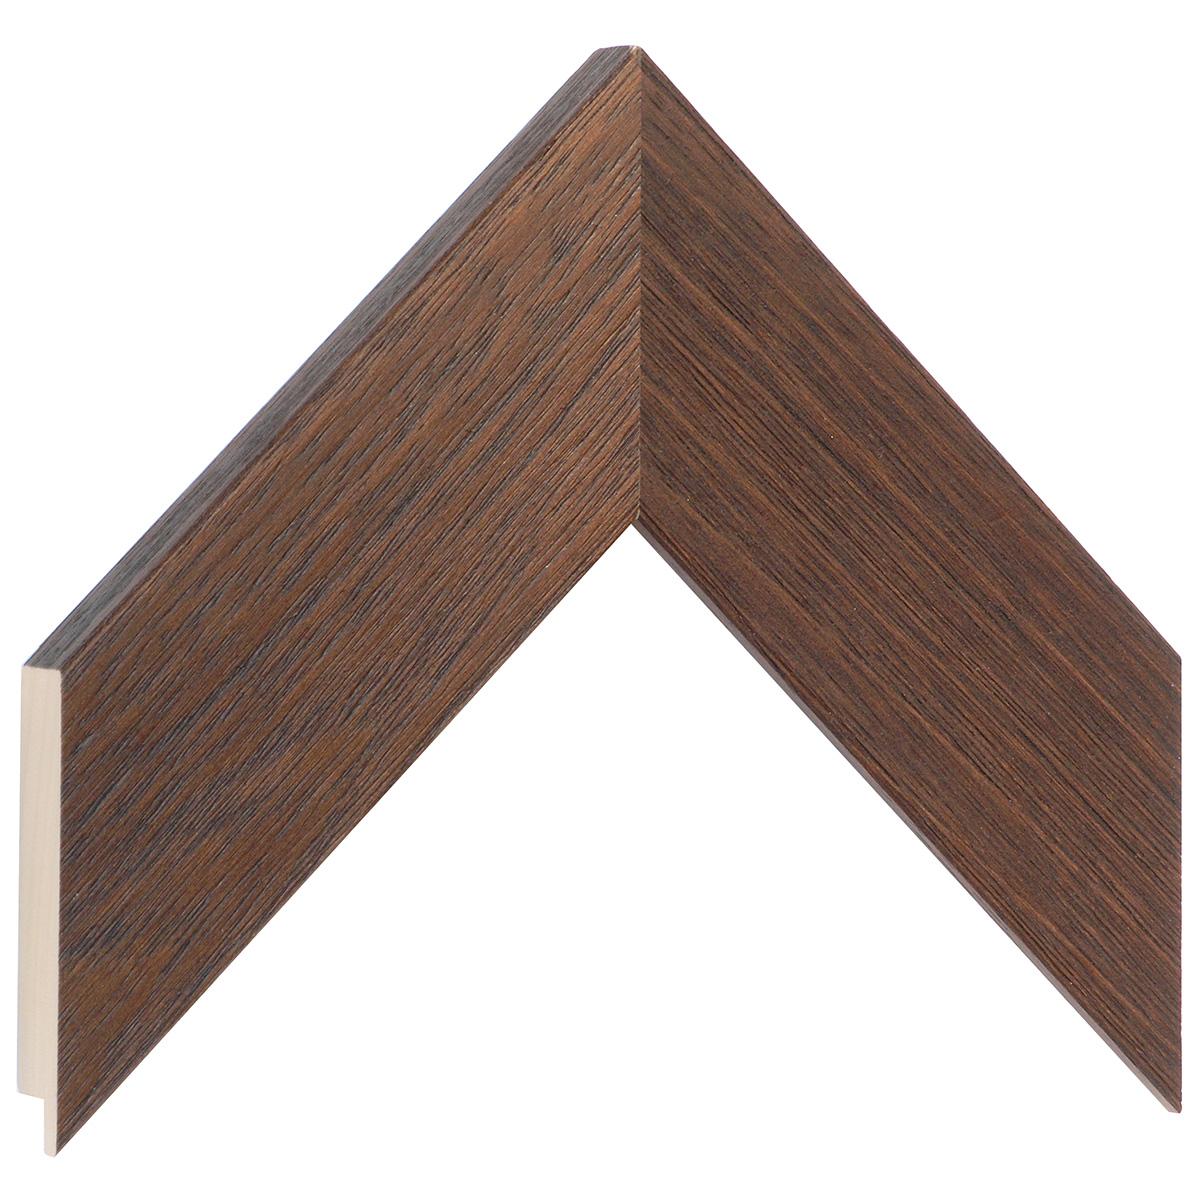 Moulding ayous, width 58mm height 20 - walnu, open grain